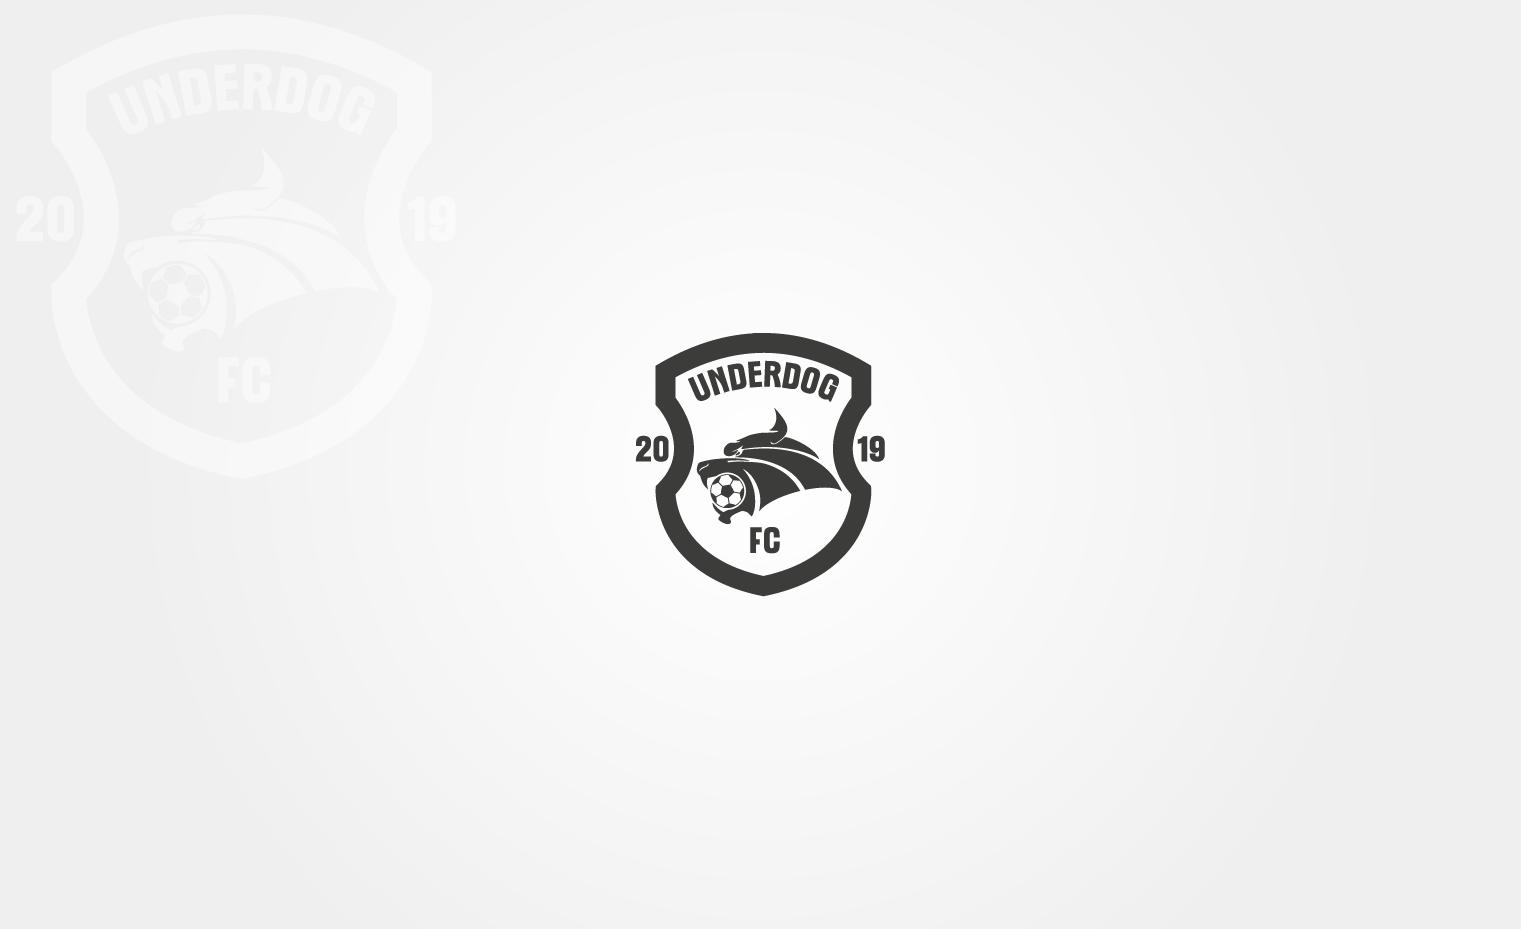 Футбольный клуб UNDERDOG - разработать фирстиль и бренд-бук фото f_3755cb0ac922e36e.png